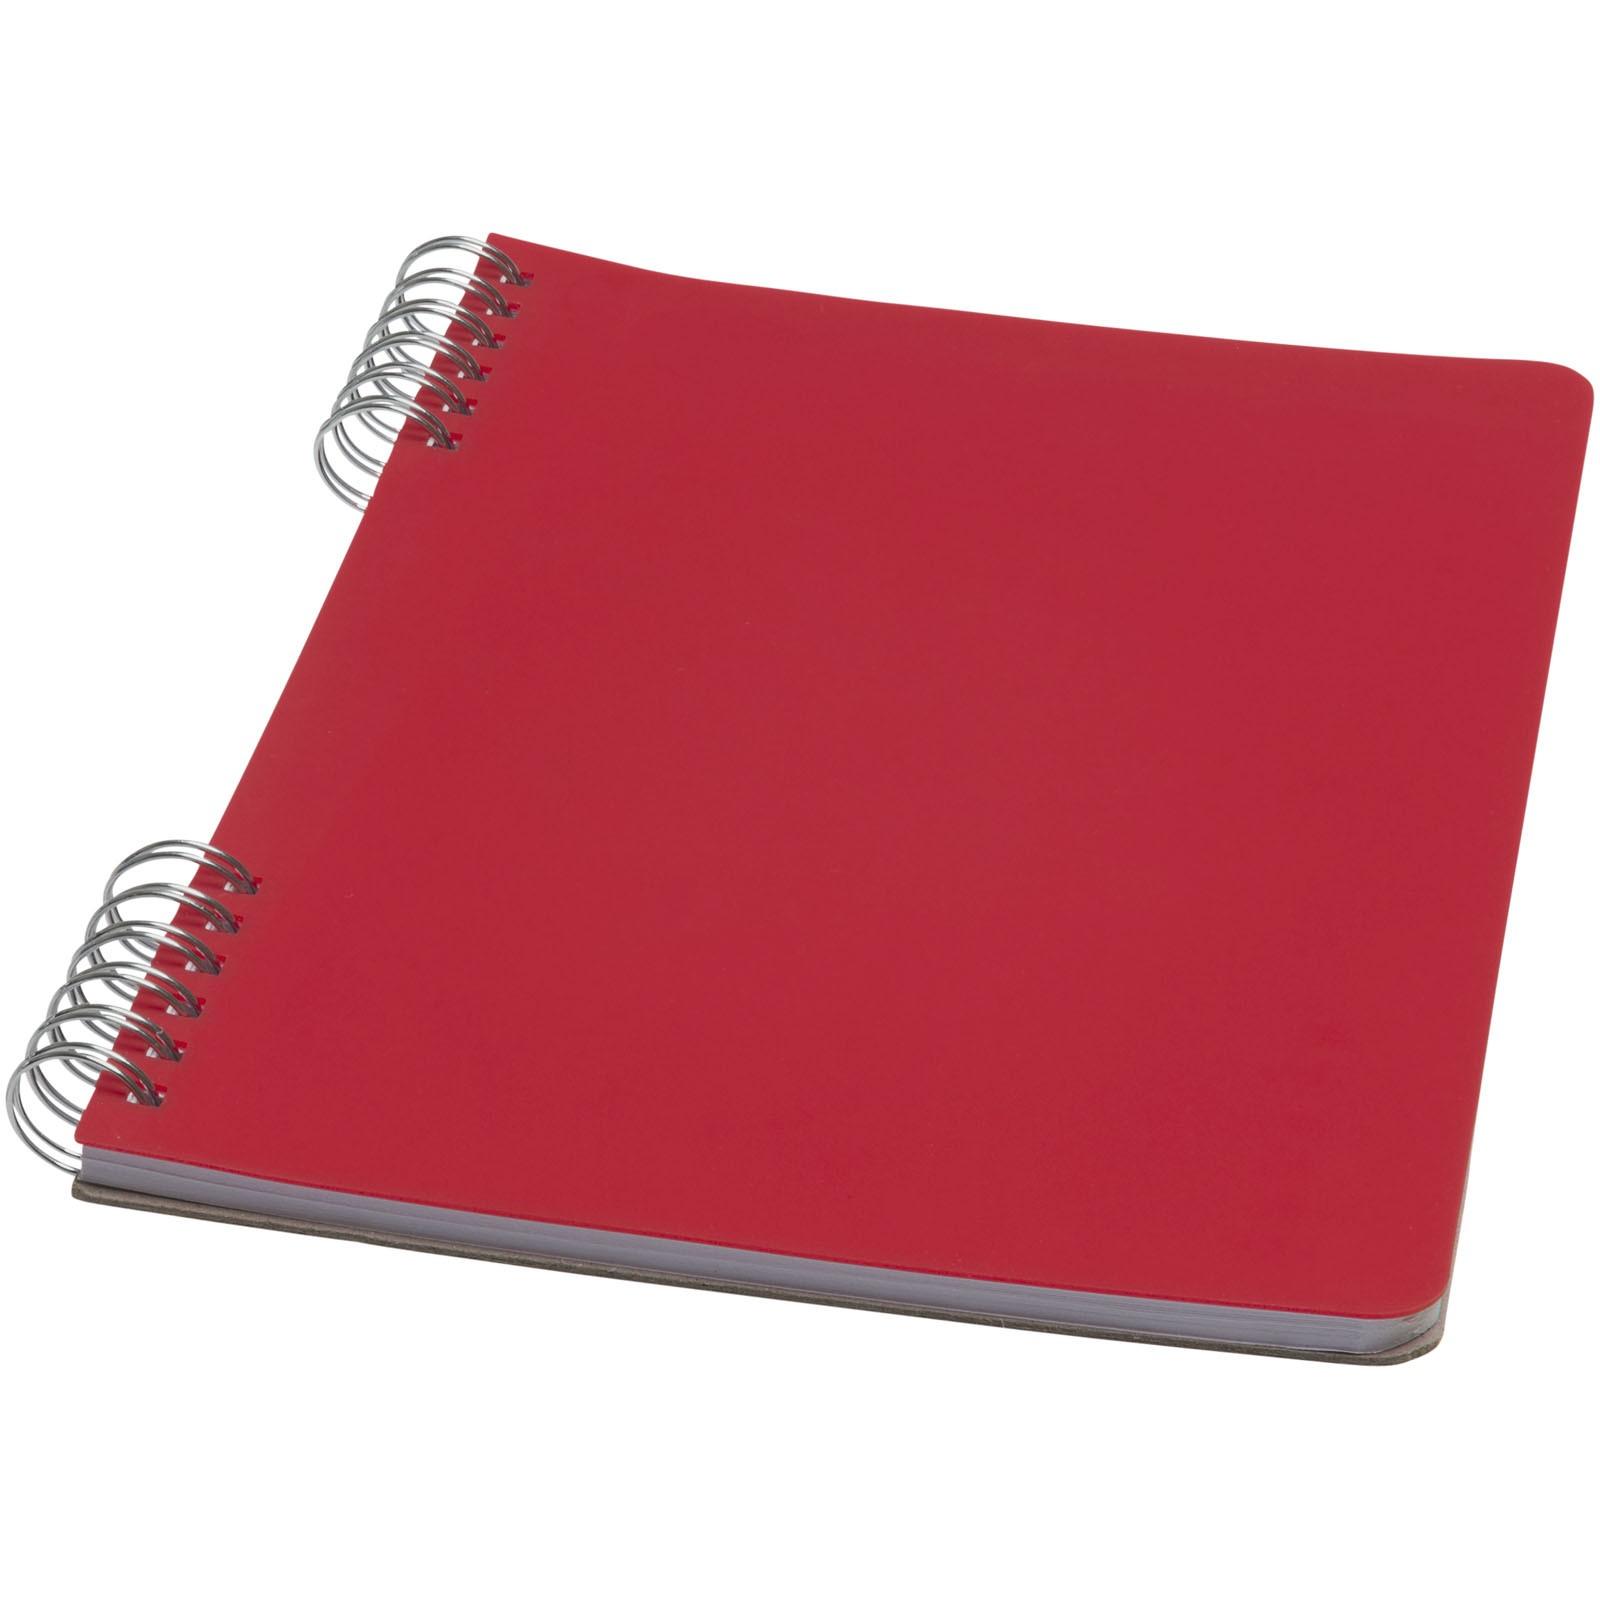 Flex A5 Spiralnotizbuch - Rot